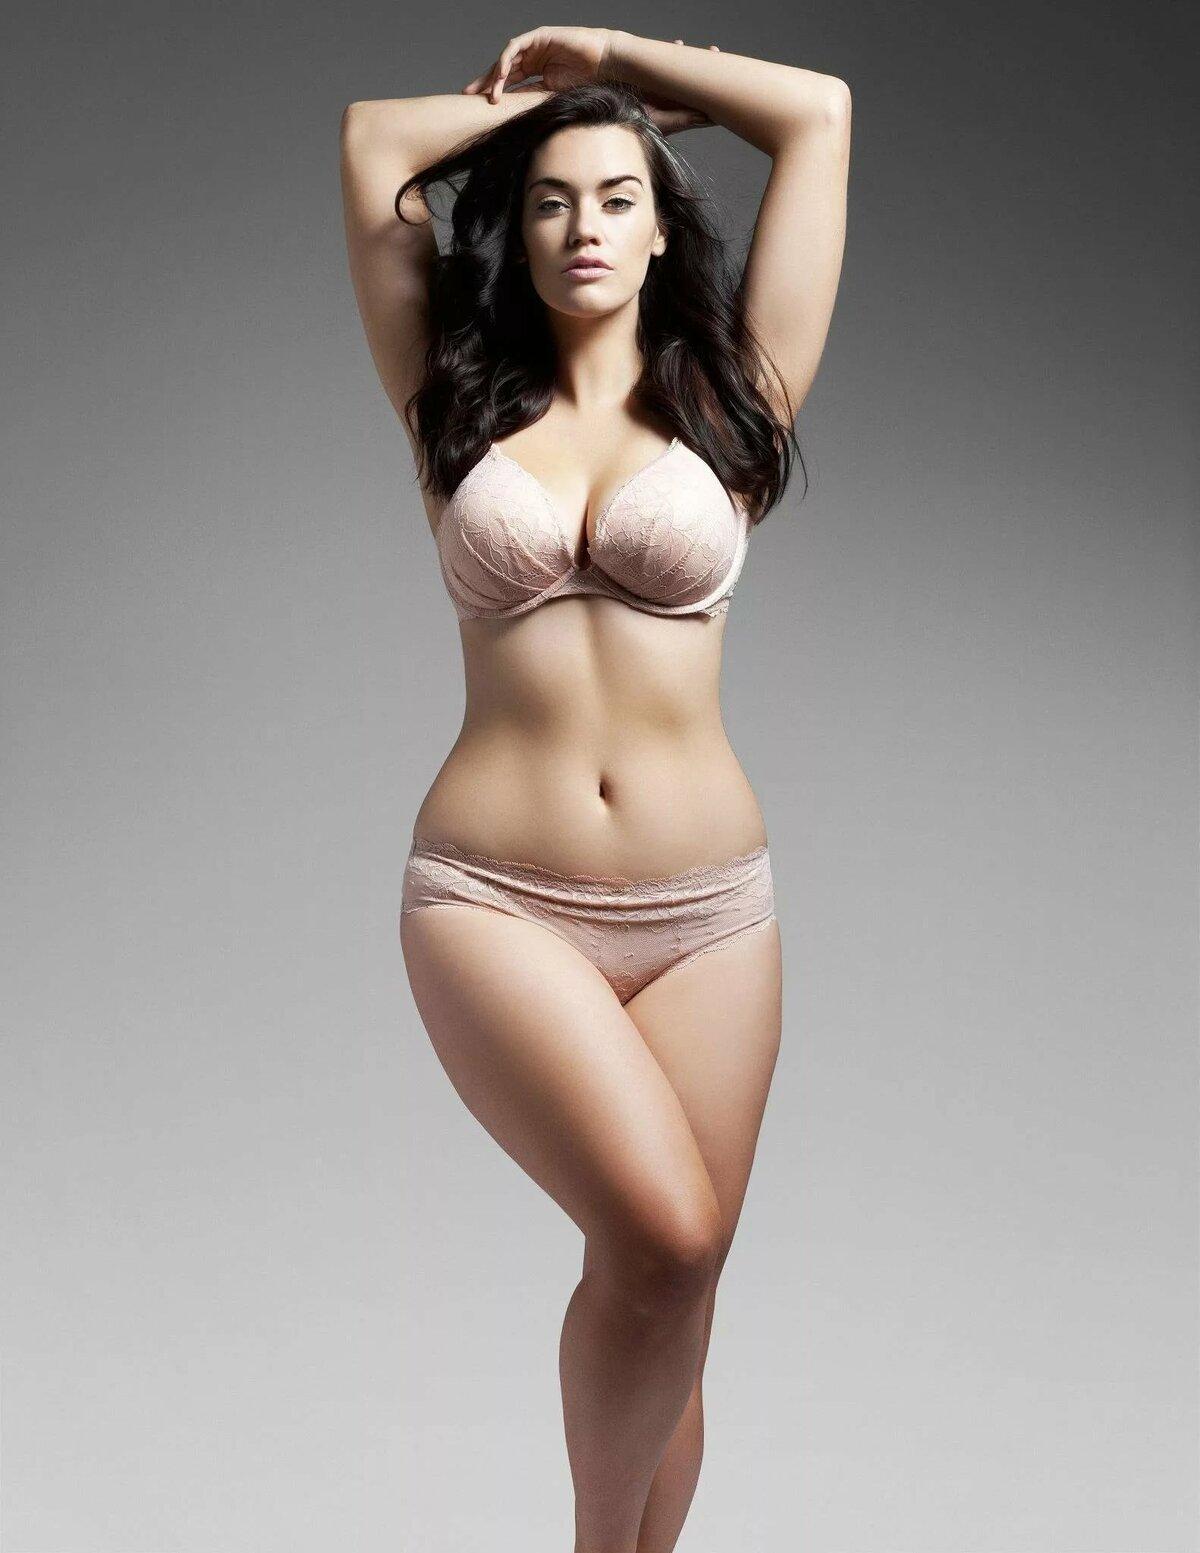 Женщины с пышной фигурой фото видео, порно жирная трахнула страпоном мужика